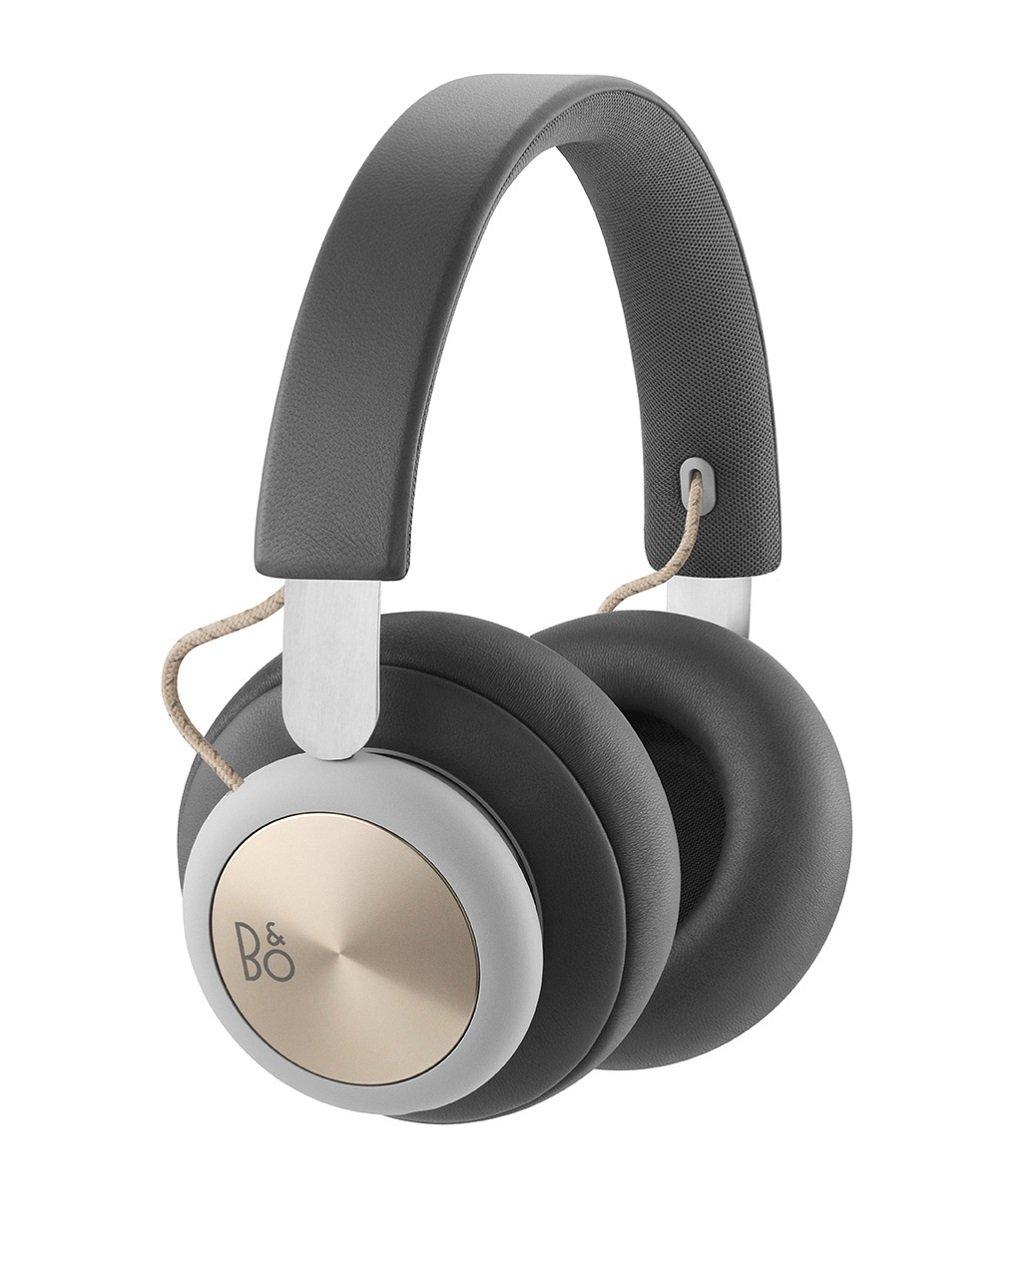 Kabelloser Over-Ear Kopfhörer in typisch dänischer Qualität.